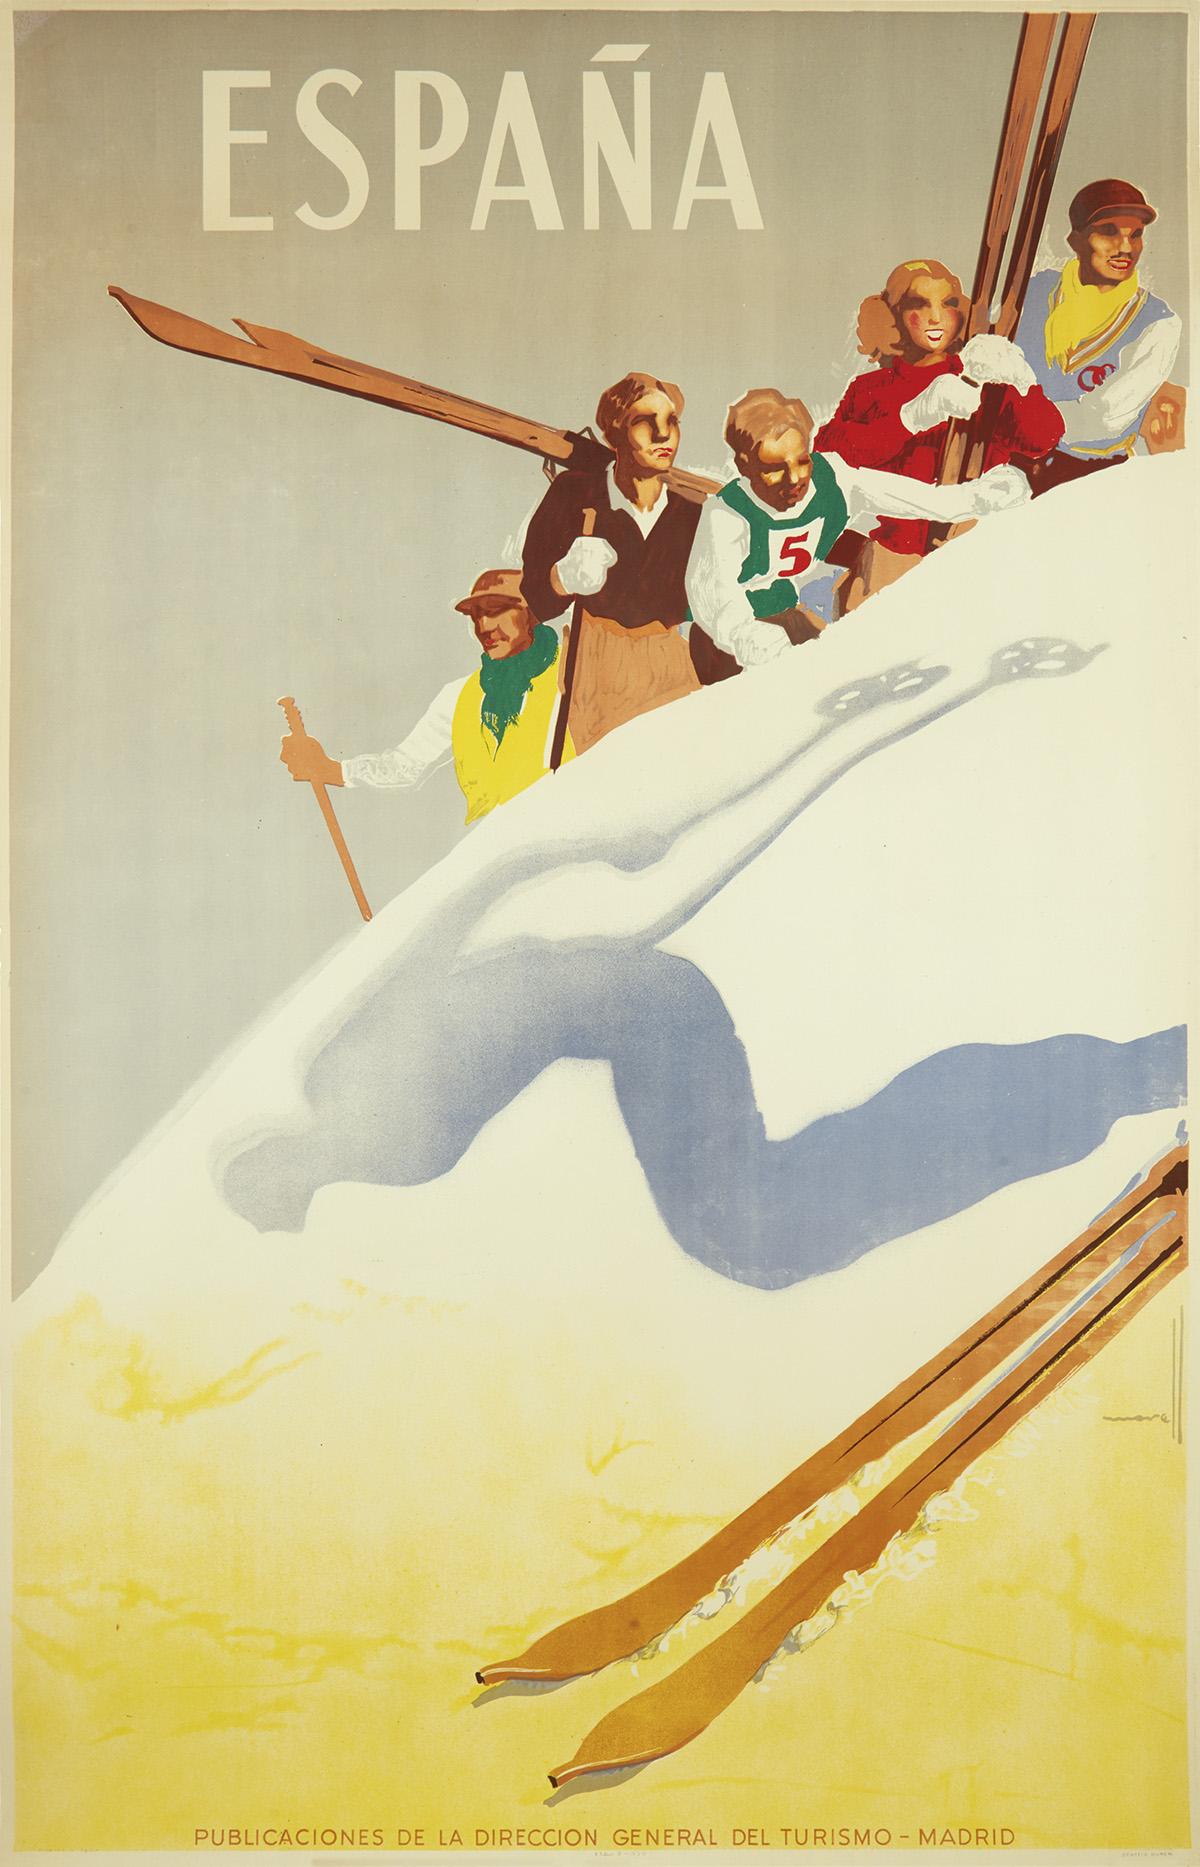 JOSÉ MORELL (1899-1949). ESPAÑA. 1948. 39x24 inches, 99x62 cm. Grafica Manen, Spain.